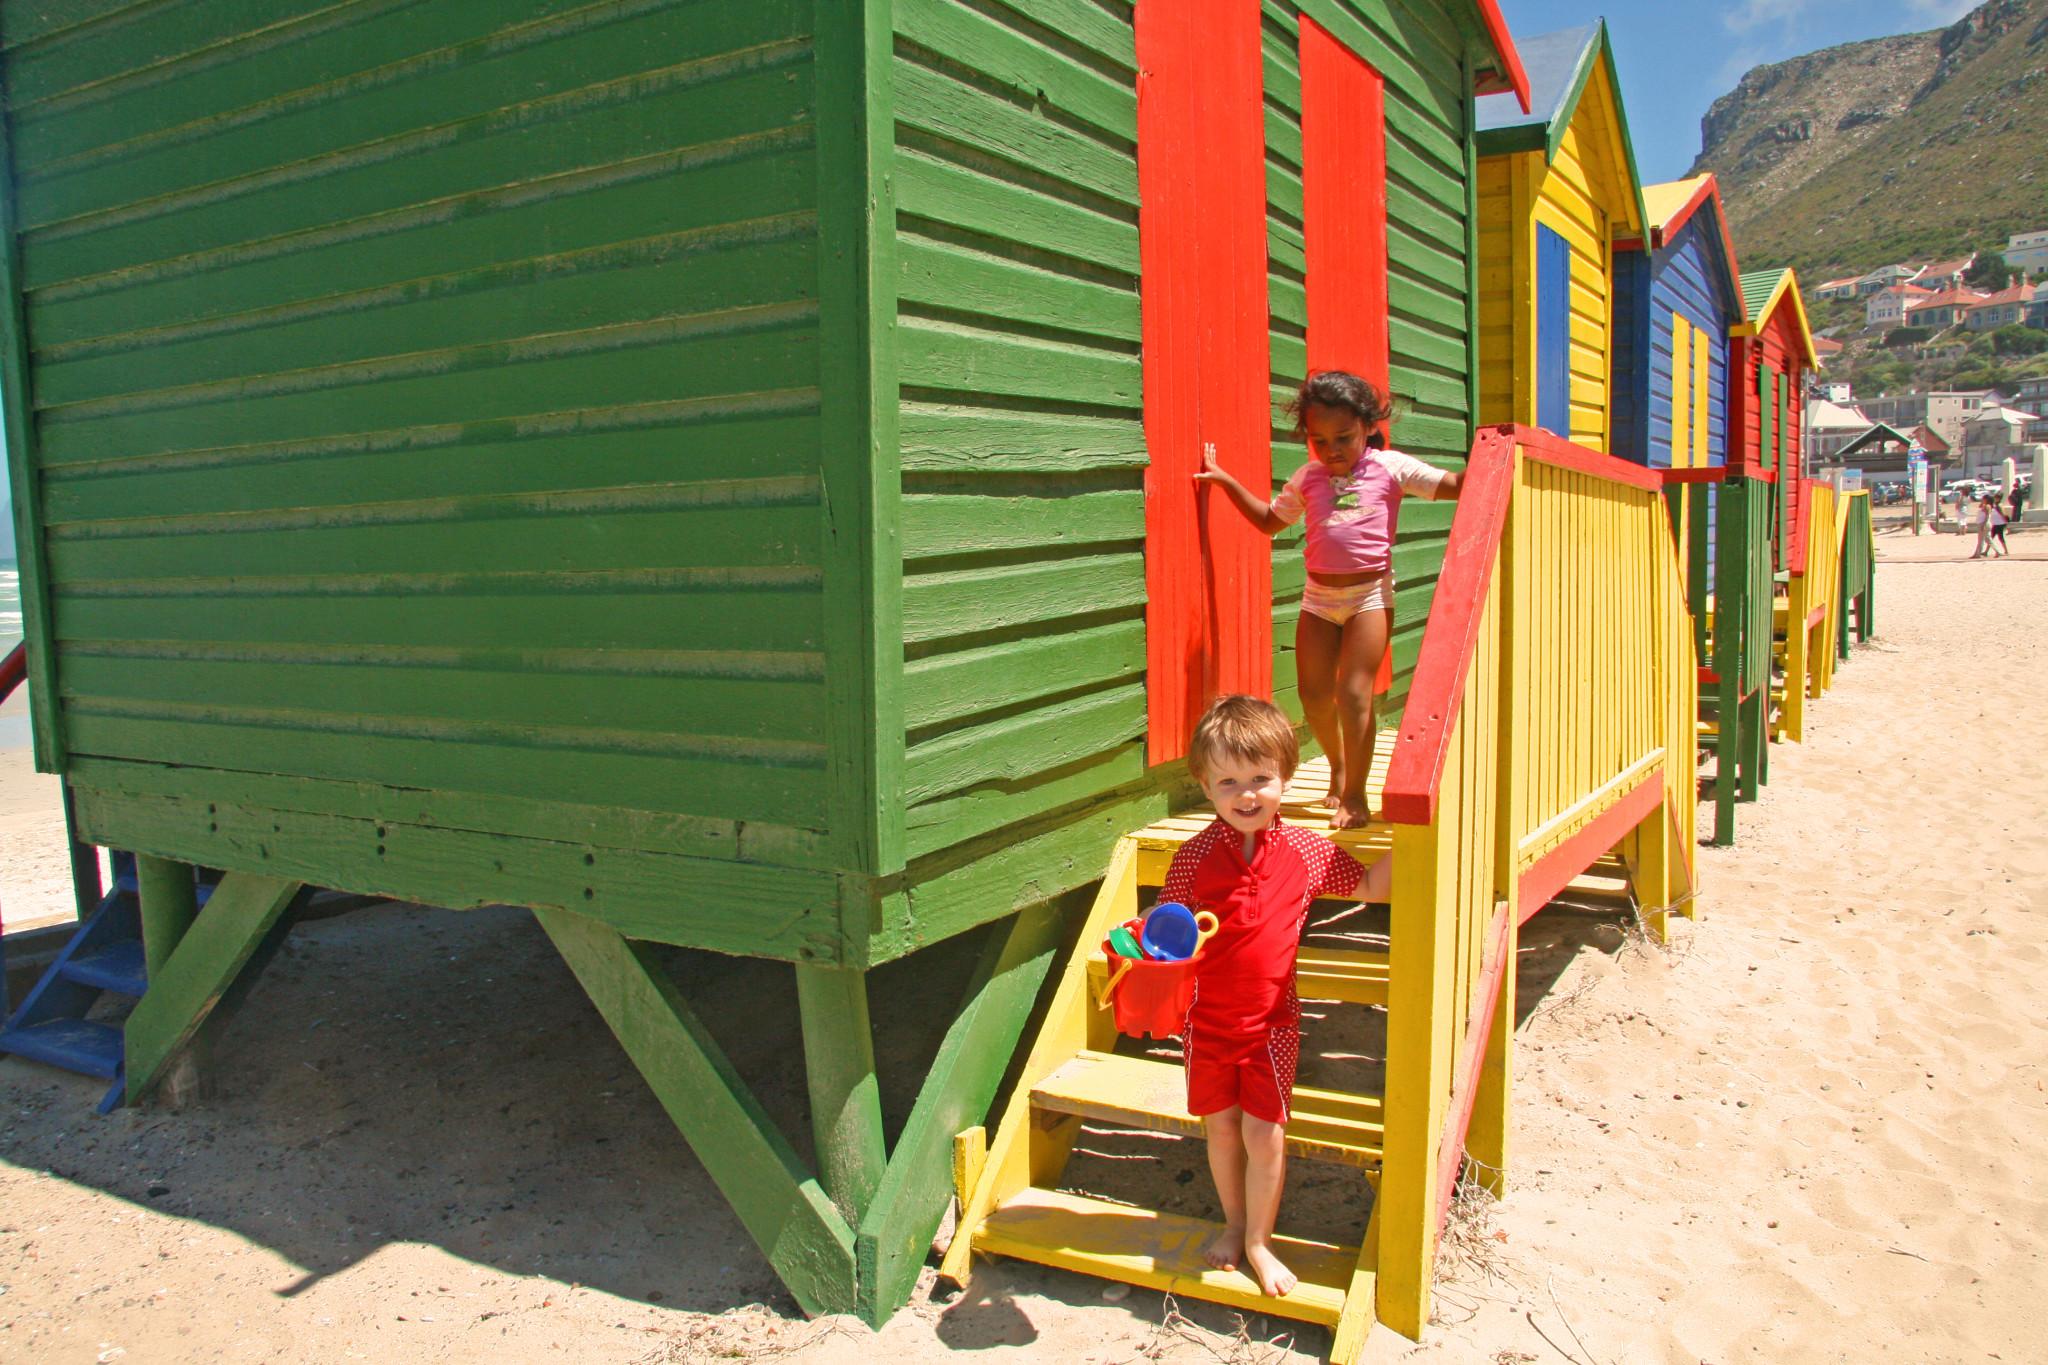 Kinder finden unterwegs schnell Freunde (Südafrika)